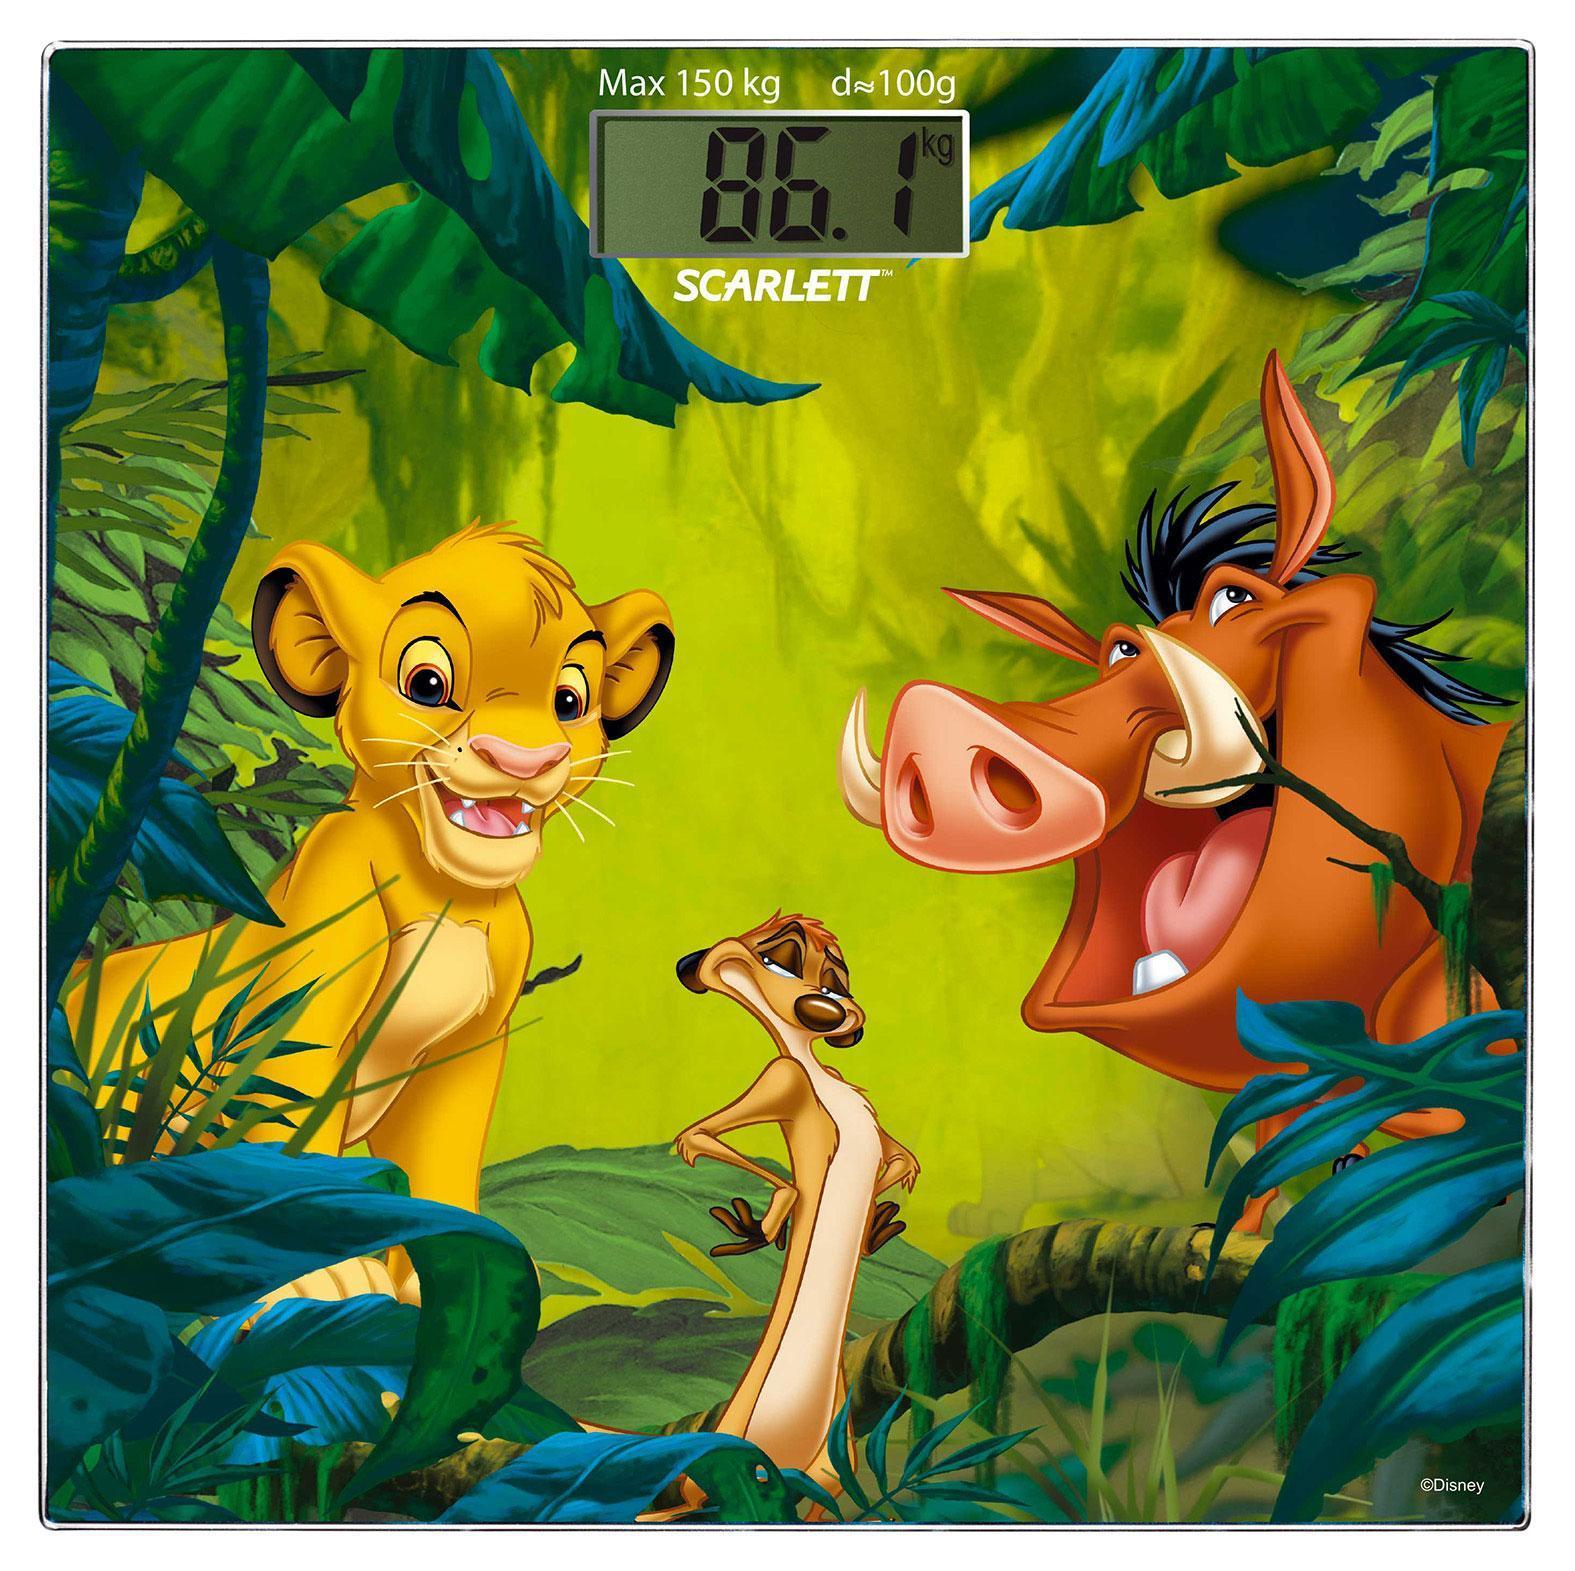 Scarlett SC-BSD33E894 Lion King весы напольные электронныеSC-BSD33E894Напольные весы Scarlett SC-BSD33E894 изготовлены из ударопрочного стекла (толщина платформы всего 5 мм) и оформлены изображениями главных персонажей известного мультфильма Король лев. Весы имеют стандартную точность измерения, равную 100 грамм. Устройство измеряет массу тела в килограммах и работает от батарейки типа CR2032(1 шт). Электронный дисплей размером 74 х 28,5 мм отображает большие цифры, которые можно будет увидеть с высоты человеческого роста. Также данная модель имеет прорезиненные ножки, для большей устойчивости.